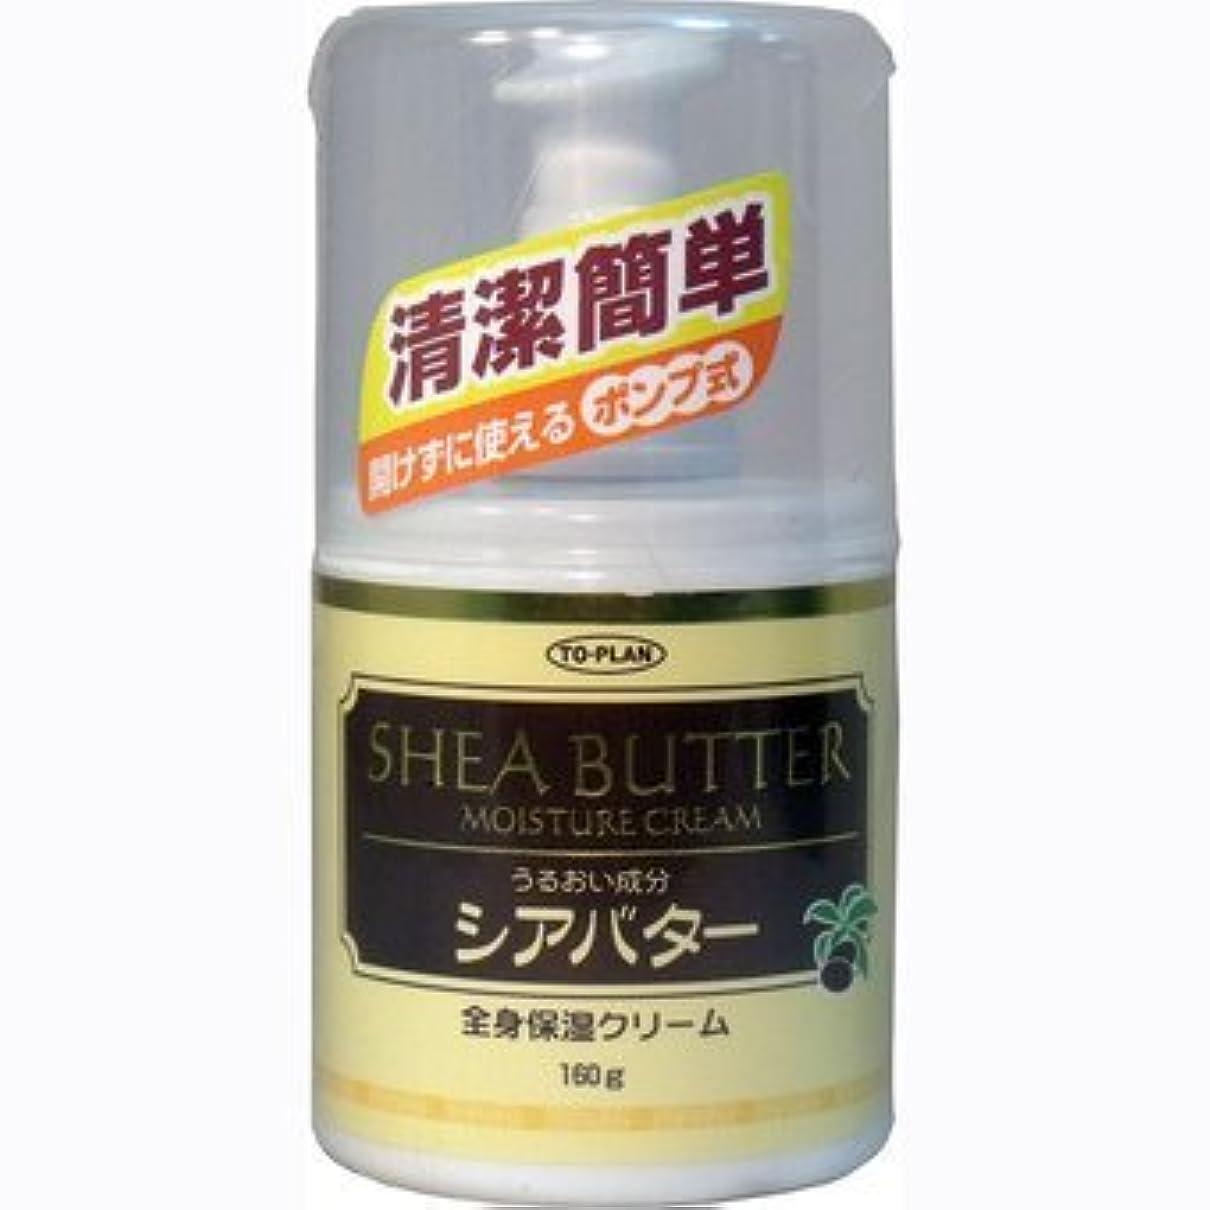 才能金貸しハンディトプラン 全身保湿クリーム シアバター ポンプ式 160g (商品内訳:単品1本)